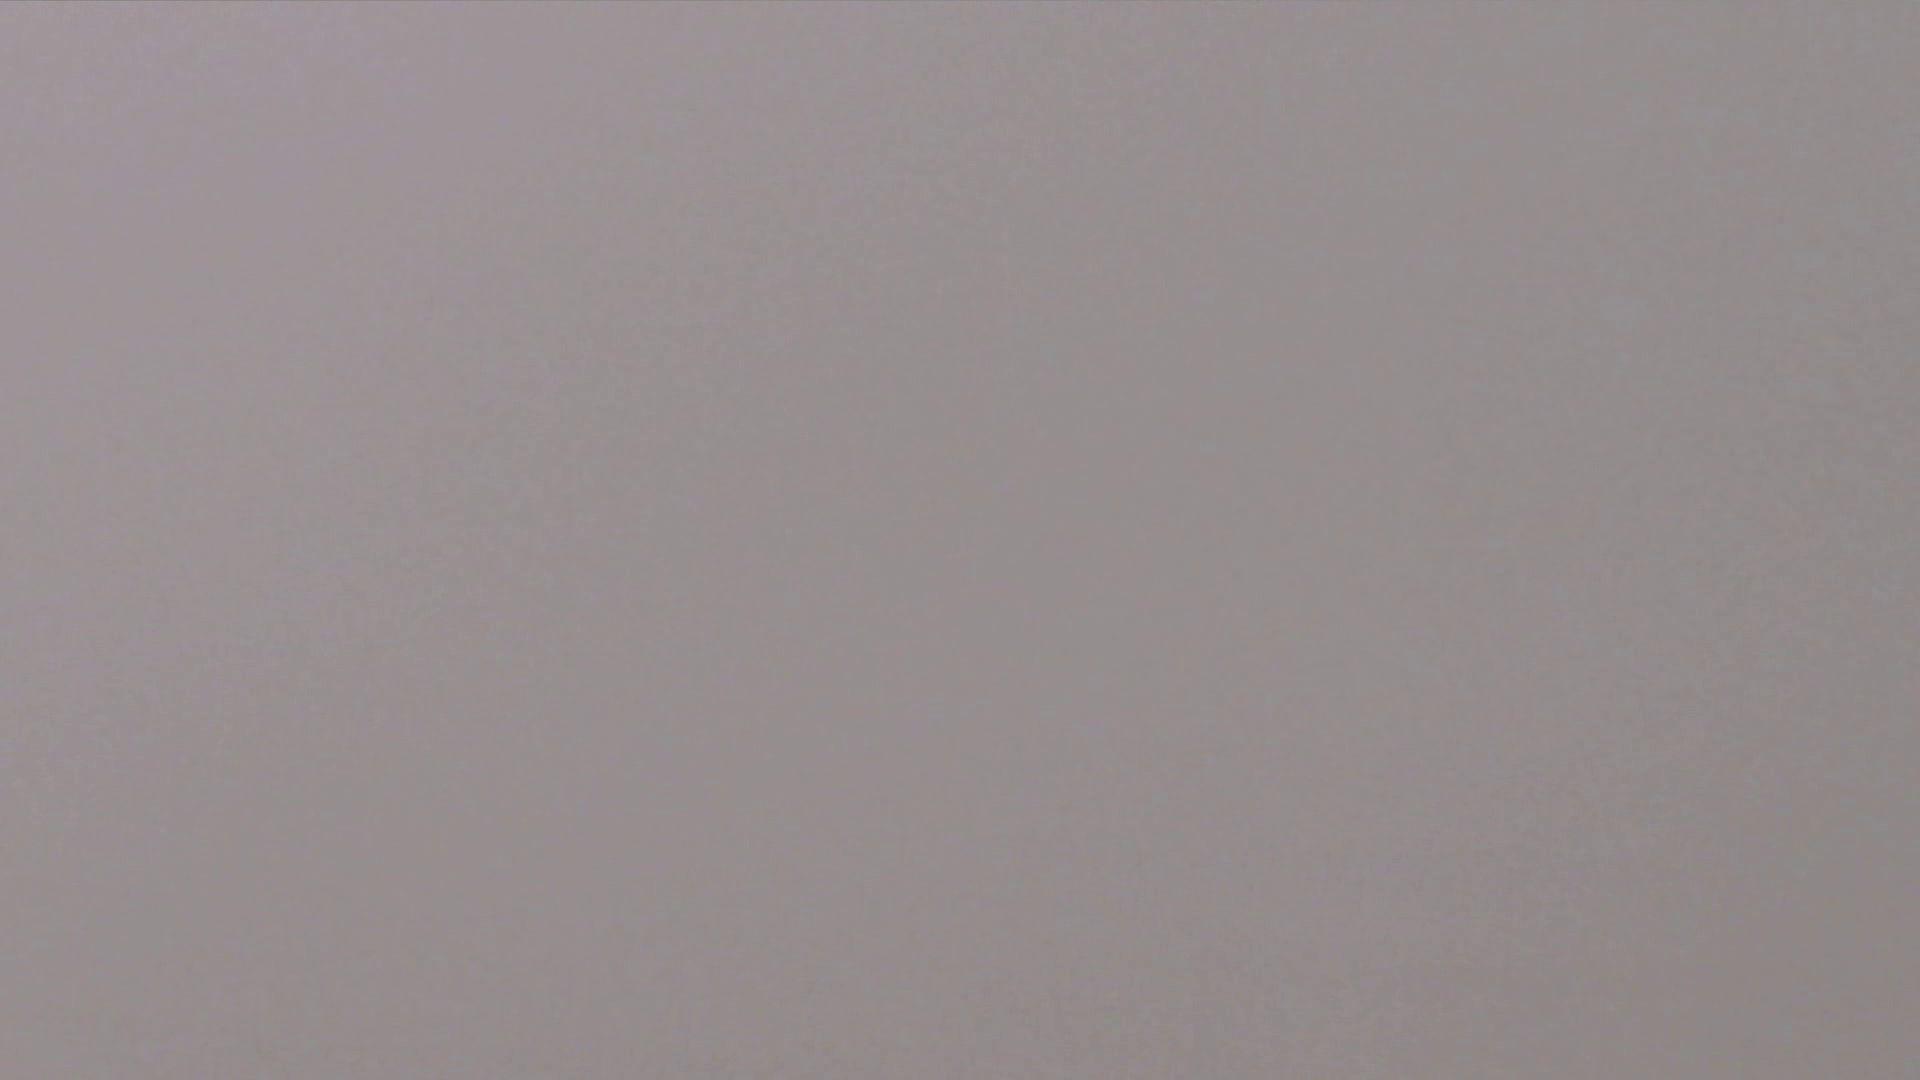 vol.08 命がけ潜伏洗面所! 黒ストッキングが流行りです。 潜入   OLエロ画像  92PICs 41